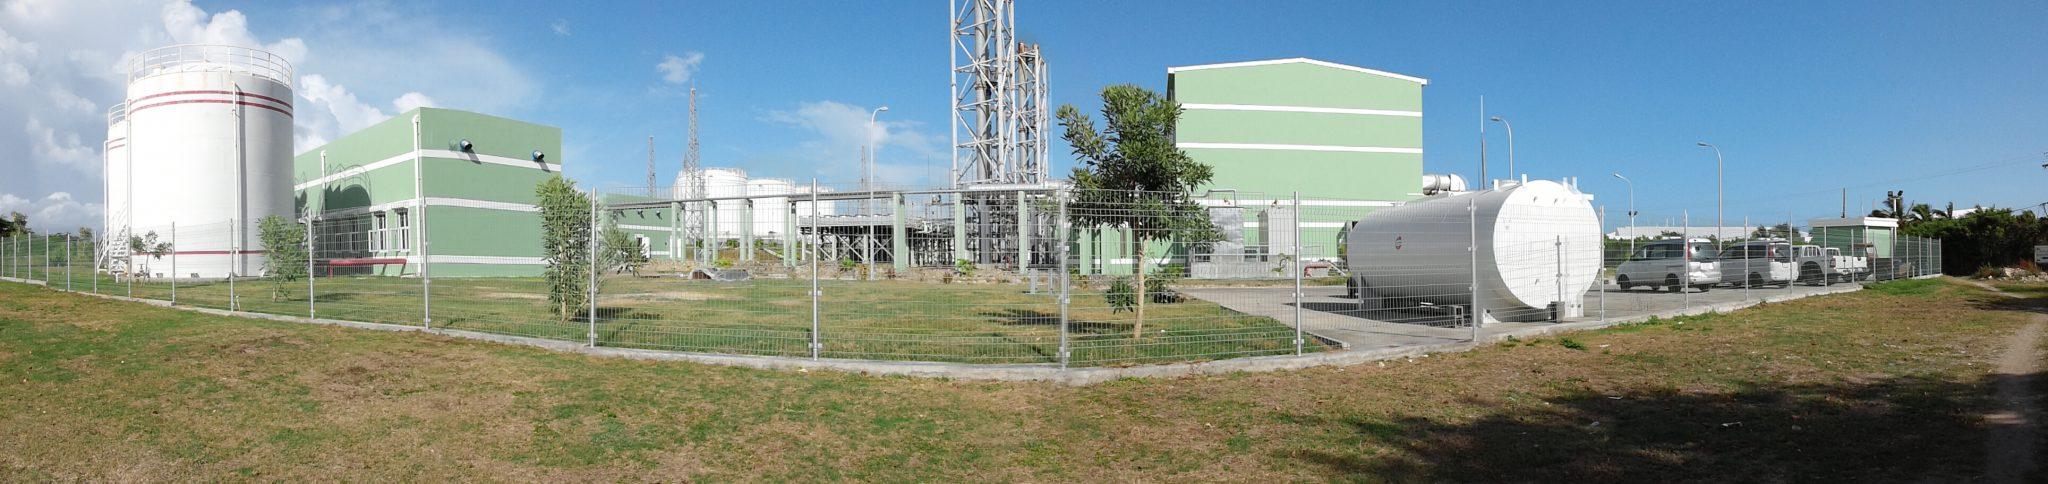 安提瓜-巴布达电站